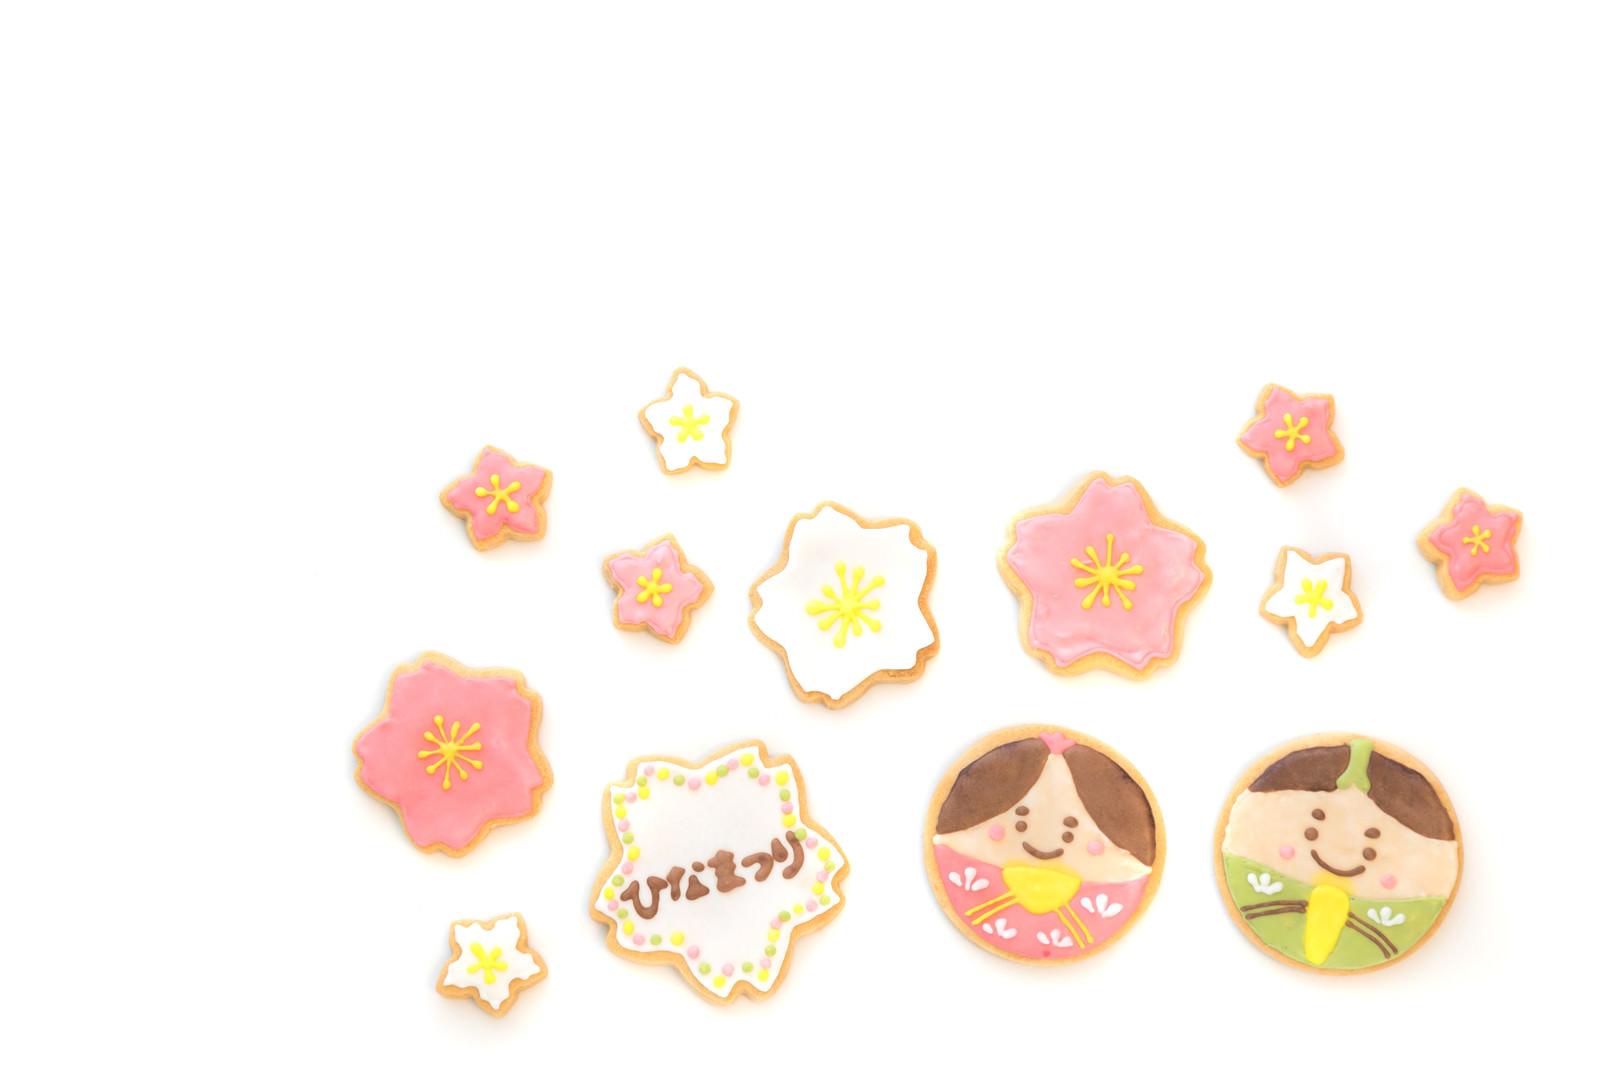 「梅の花びらに囲まれる男雛と女雛(アイシングクッキー)梅の花びらに囲まれる男雛と女雛(アイシングクッキー)」のフリー写真素材を拡大